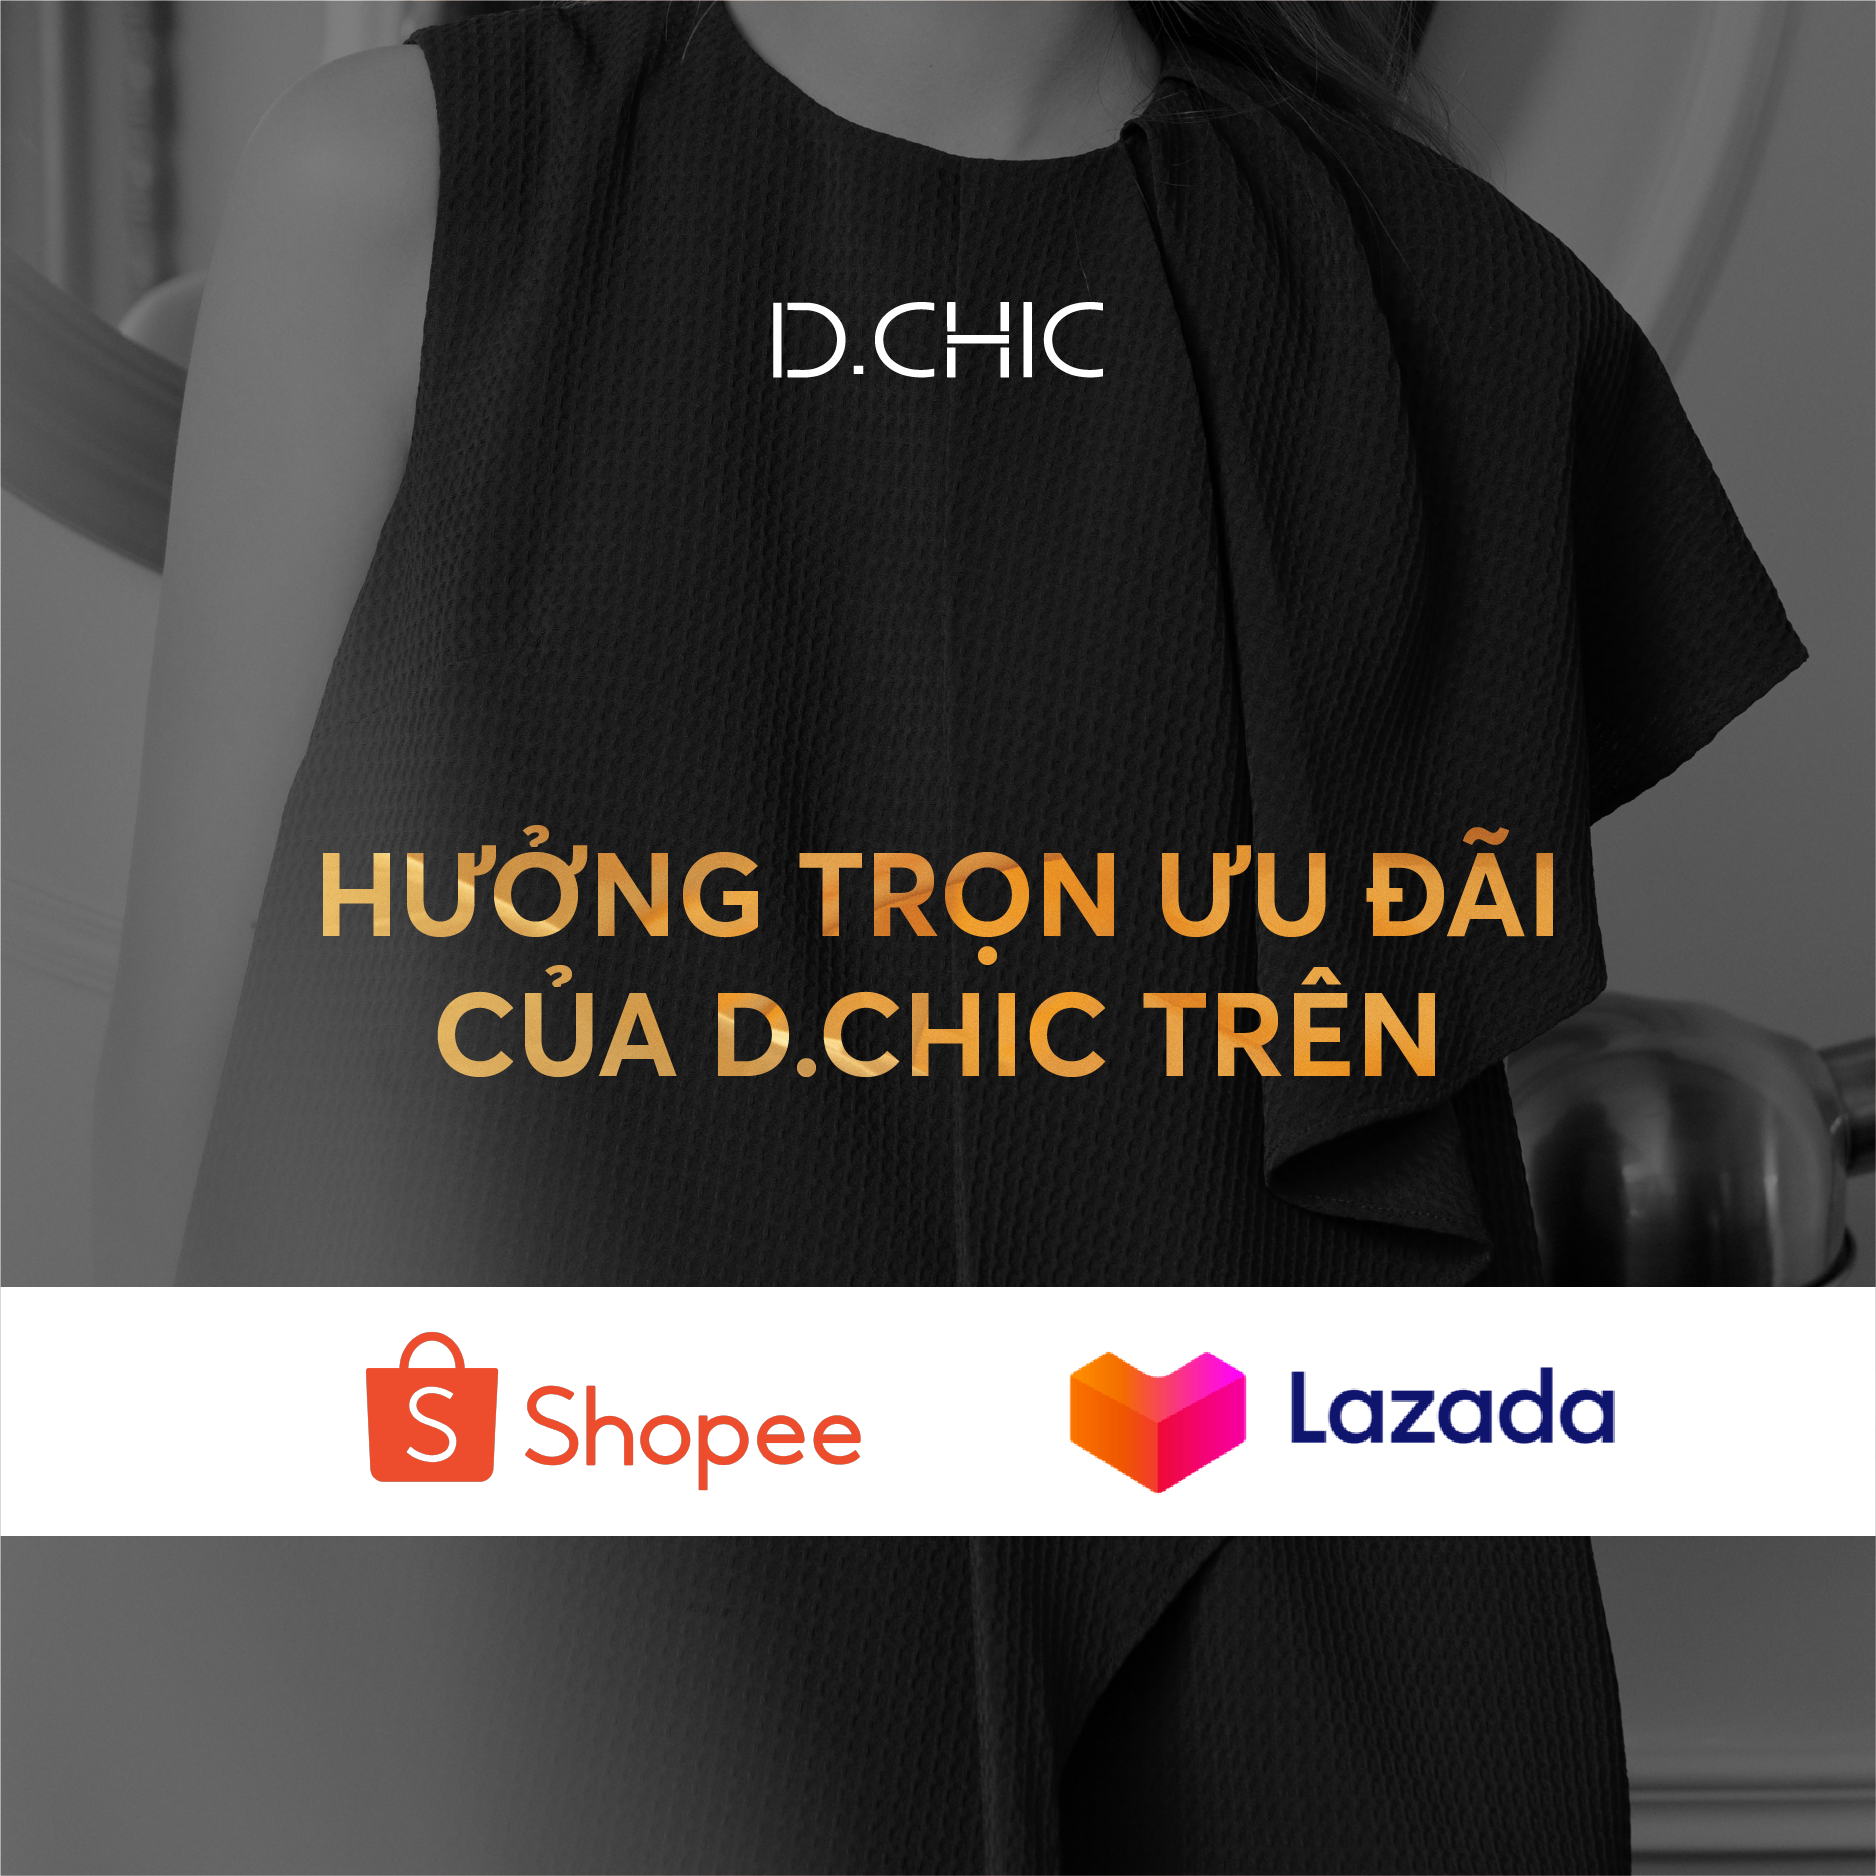 HƯỞNG TRỌN ƯU ĐÃI D.CHIC TẠI SHOPEE & LAZADA